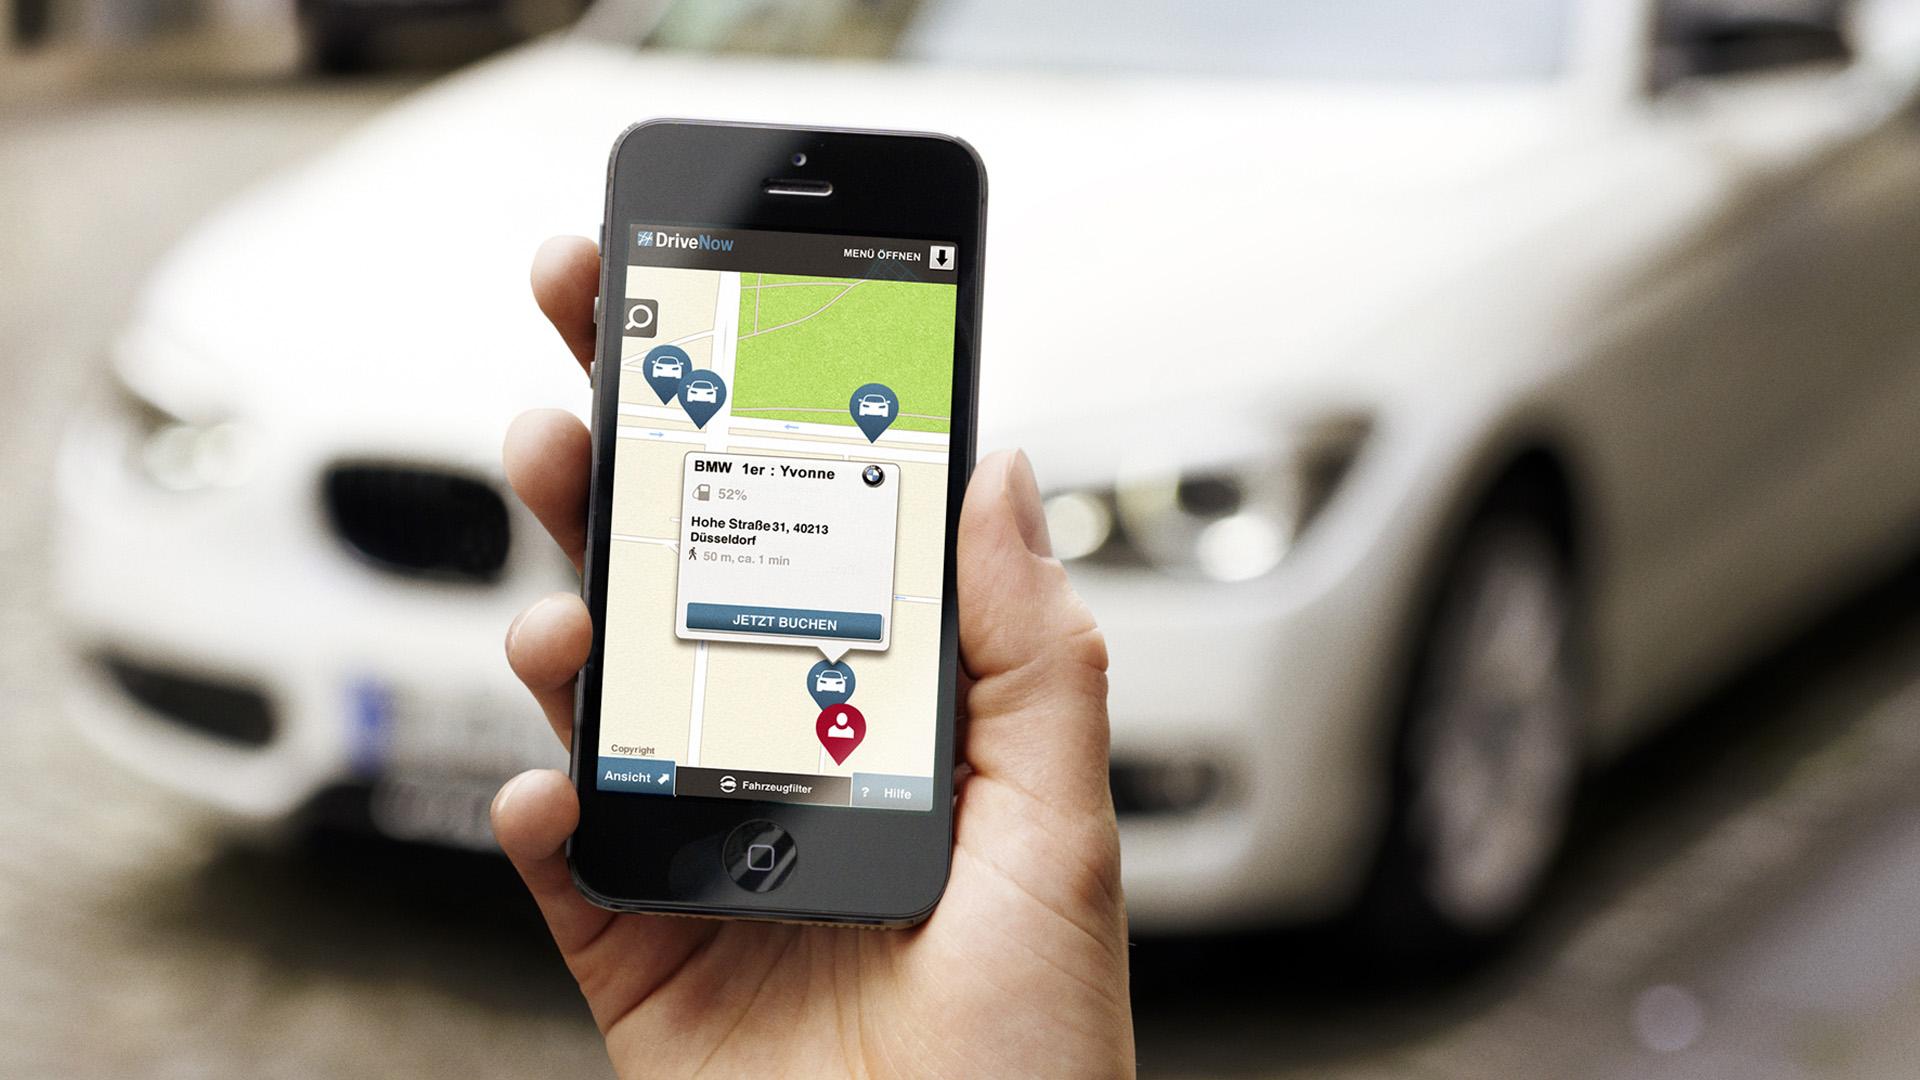 Die neue Ökonomie des Teilens: Carsharing